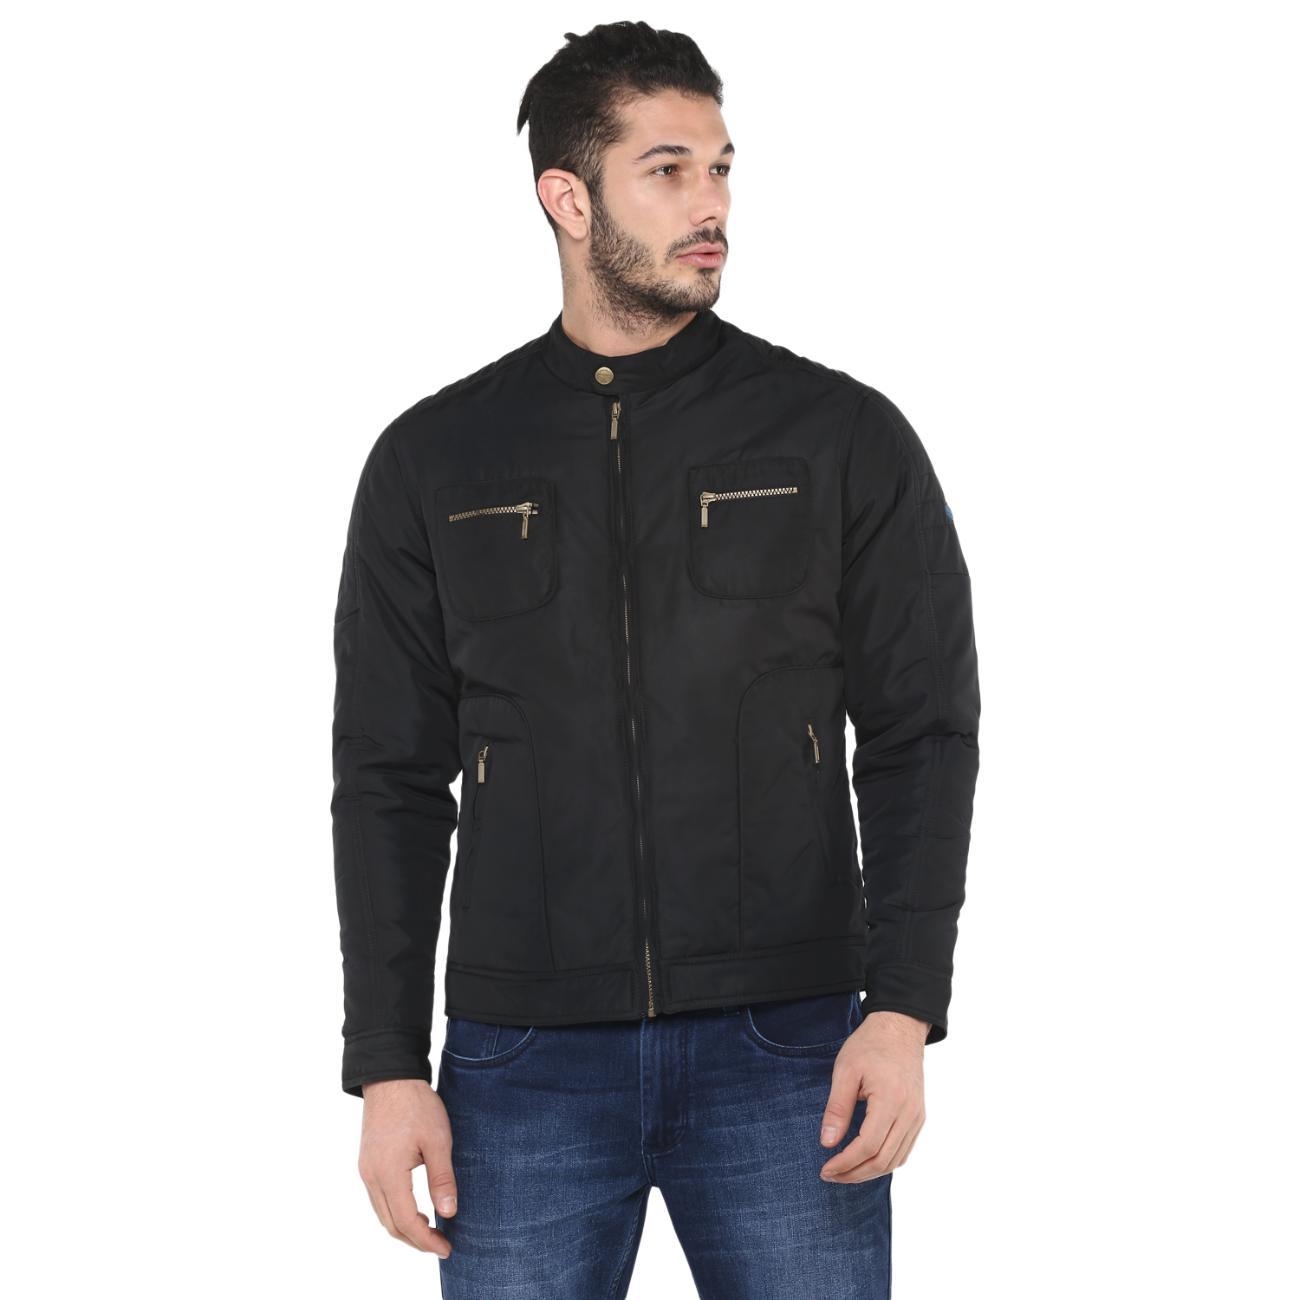 Black Jacket for Men Online